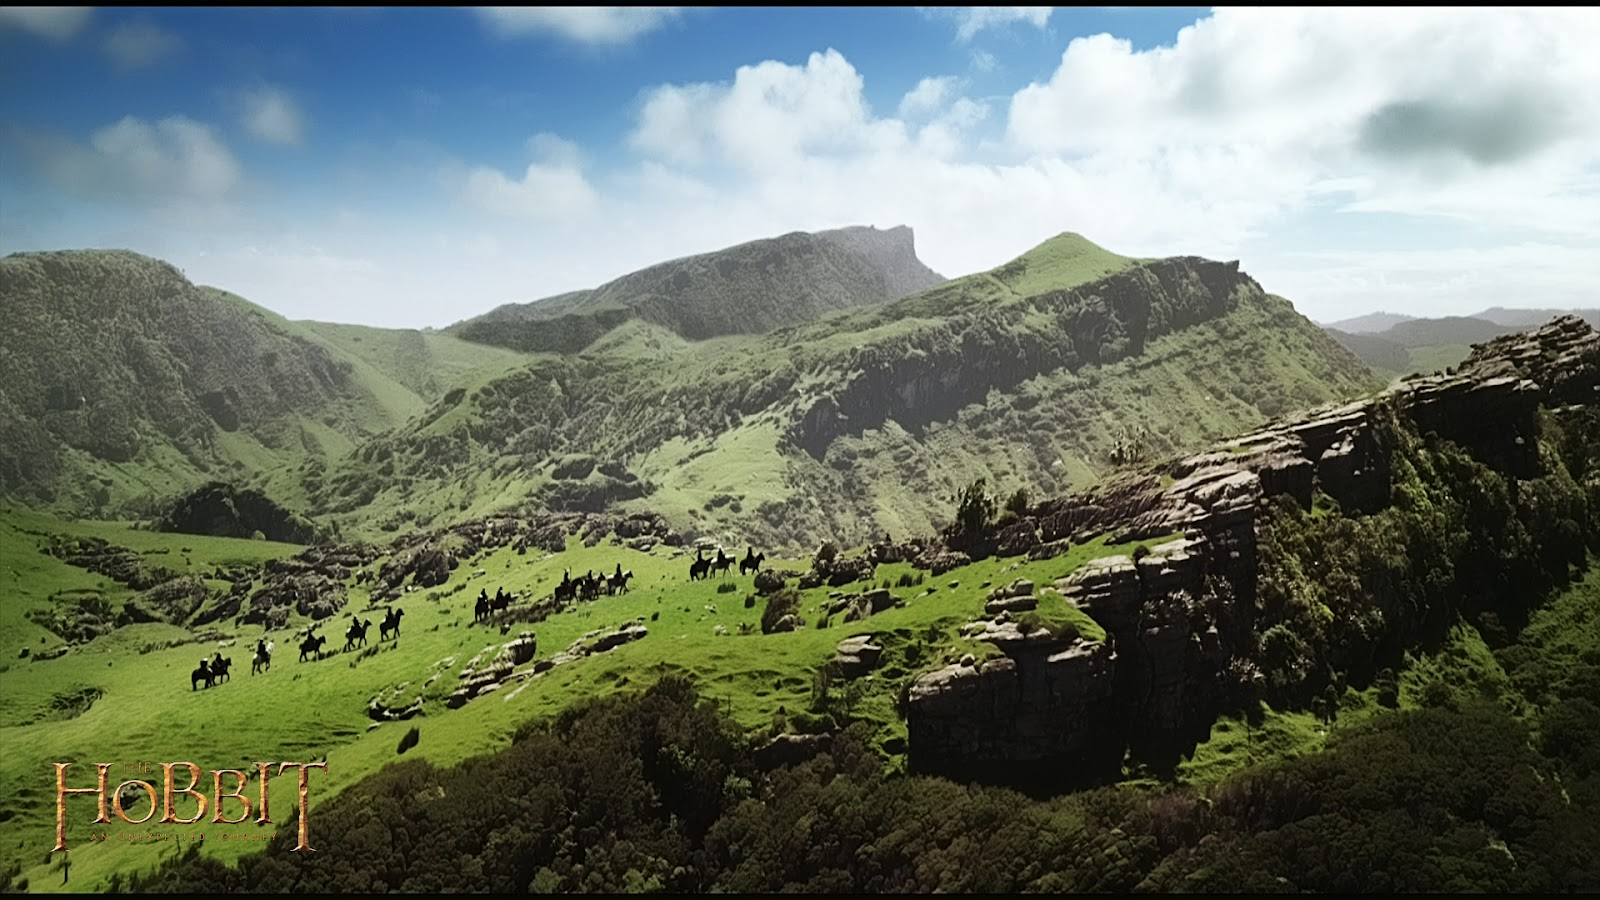 Wallpapers HD: El Hobbit Wallpapers HD Wallpapers (Fondo de Pantalla) HD - Alta calidad ...